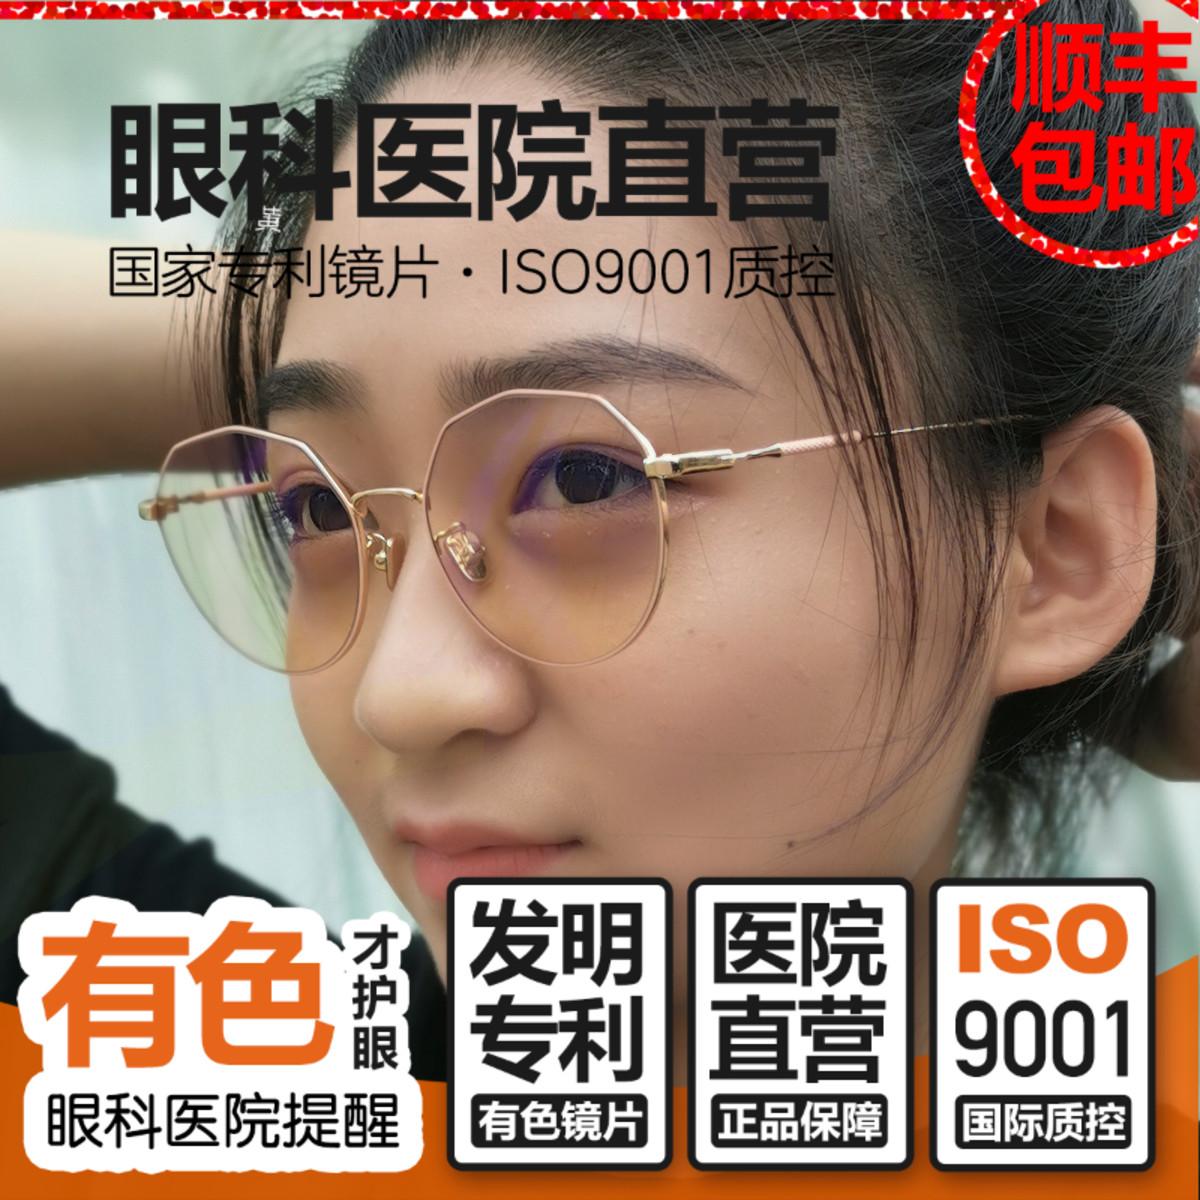 优目防蓝光圆框眼镜护眼疲劳专用男女款防紫外辐射手机电脑护目镜